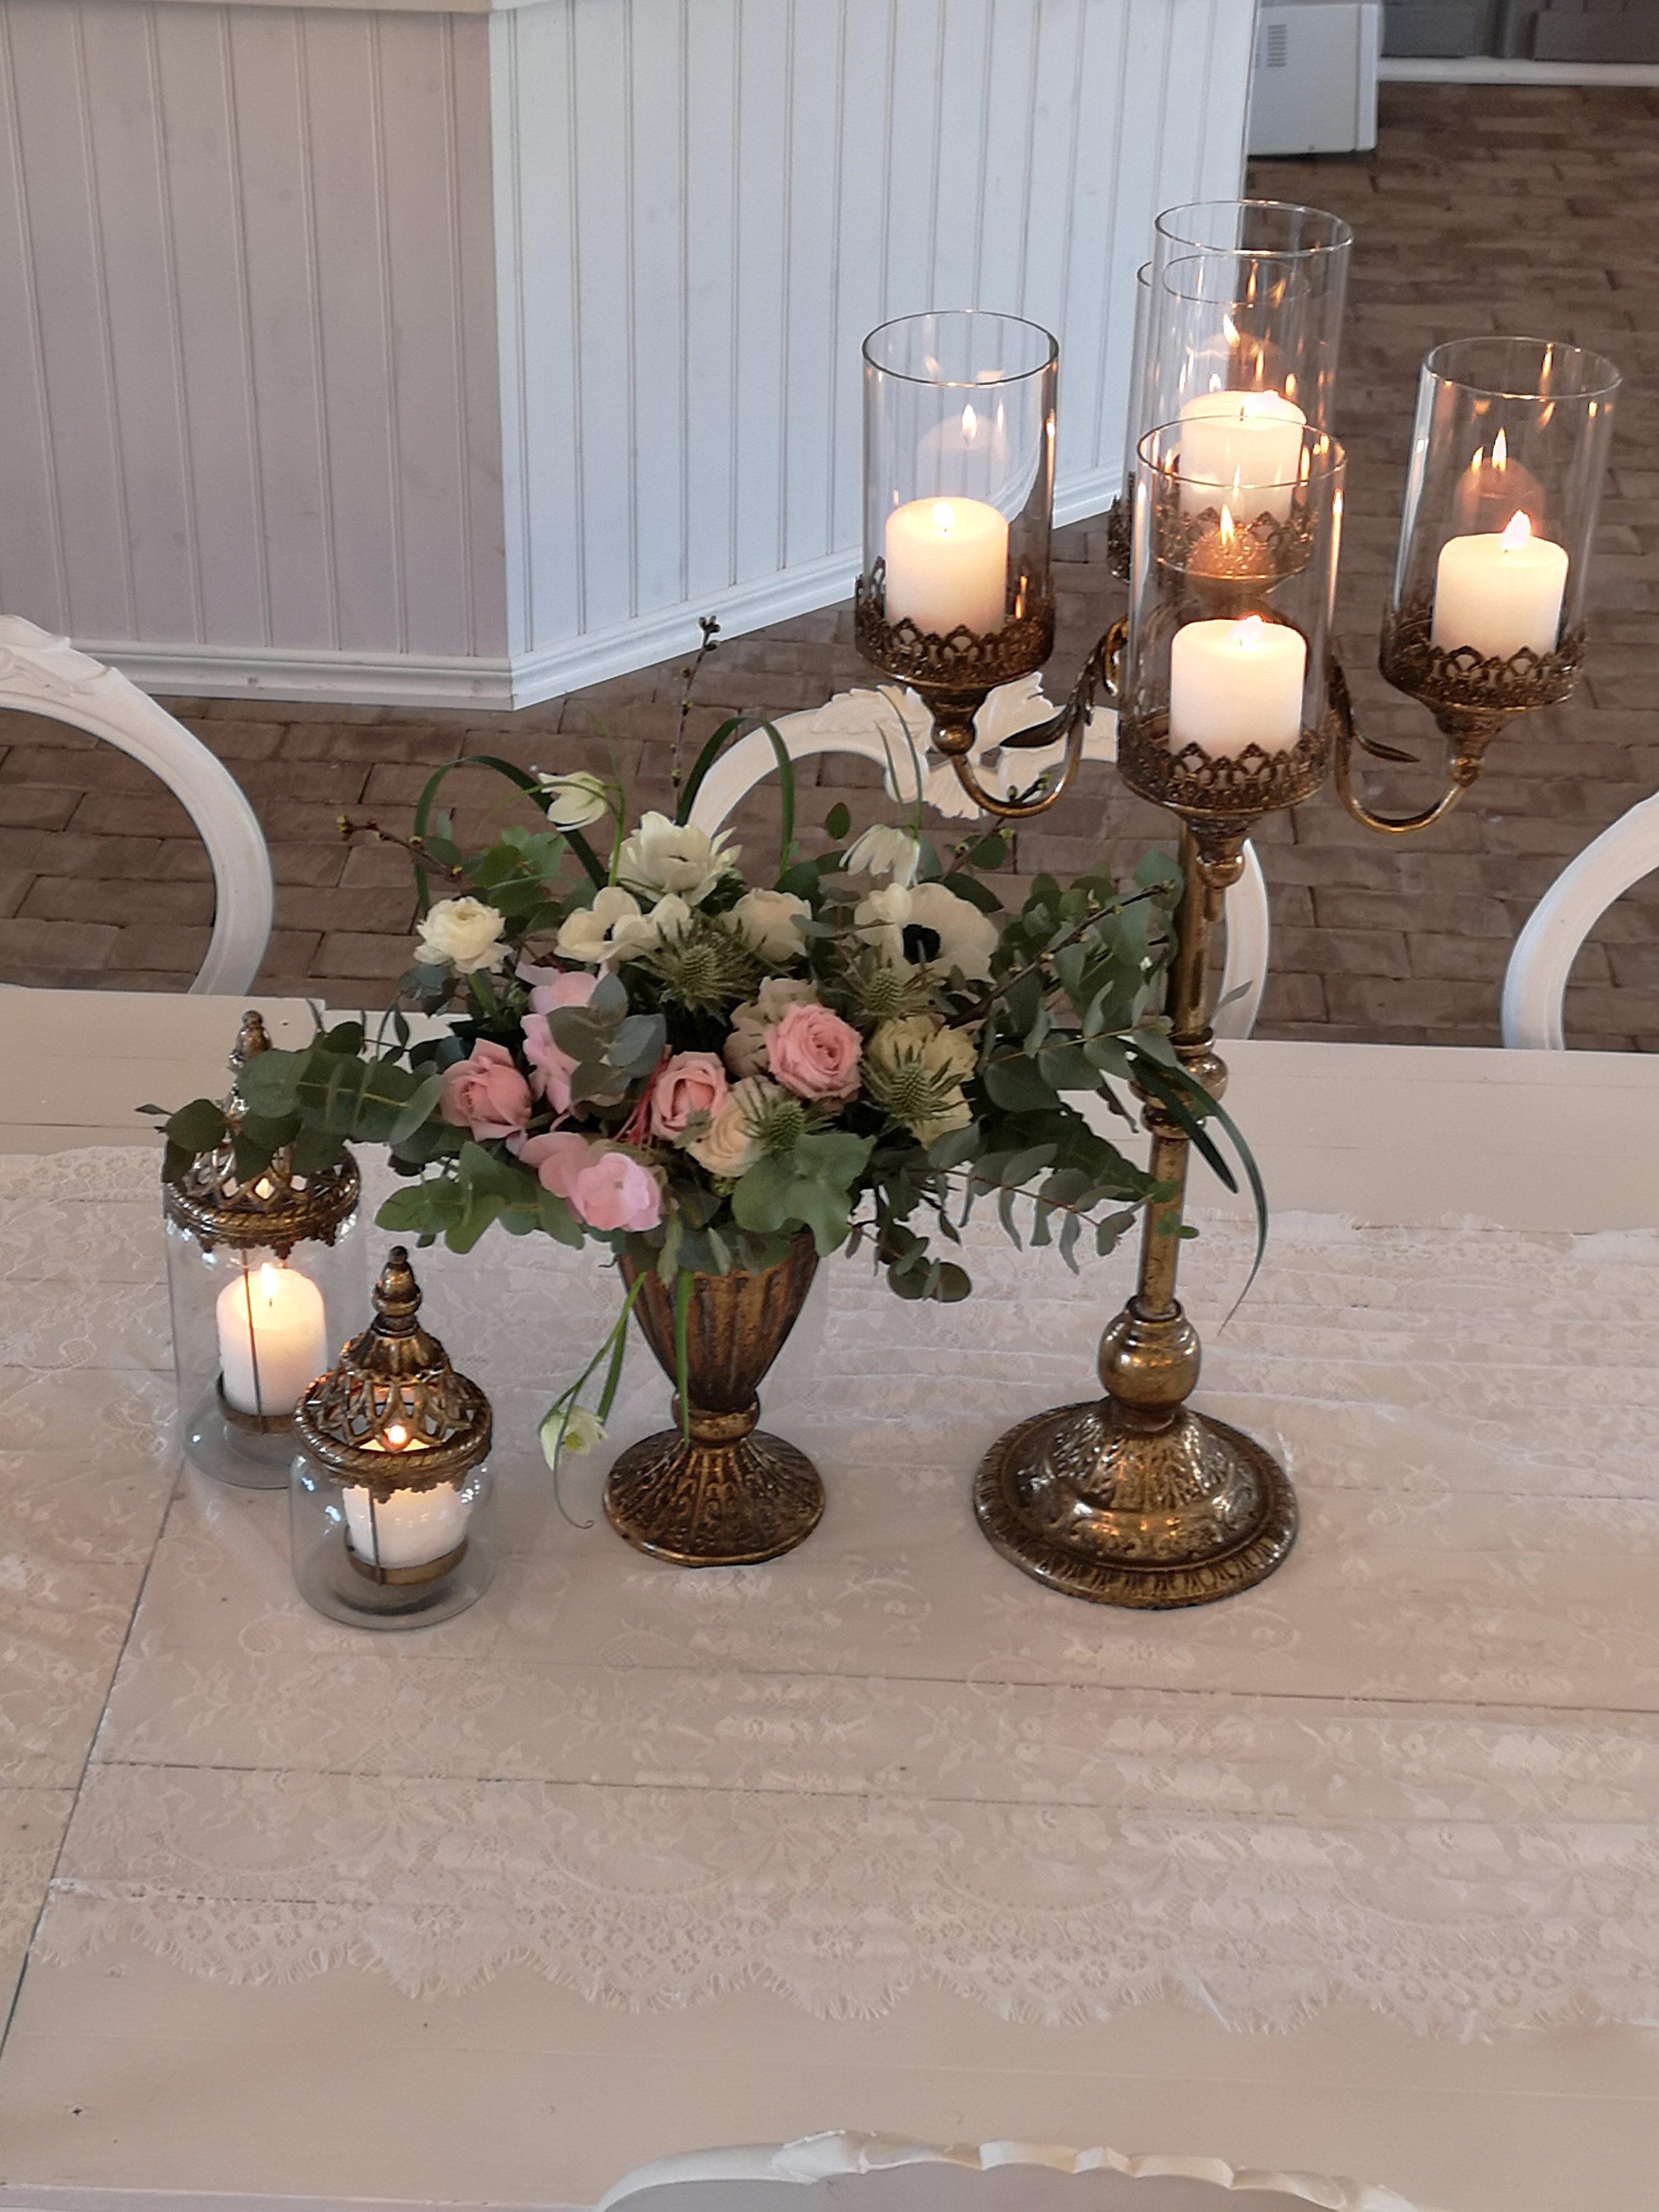 Hyr Hög vacker ljusstake ,kan även dekoreras med blommor i mitten då det är lätt att fästa en oasis att trycka i blommor och blad om man vill. 150 kr /styck eller fler än 4 st 100 kr st  Finns 8 styck guld & 4 styck silver.